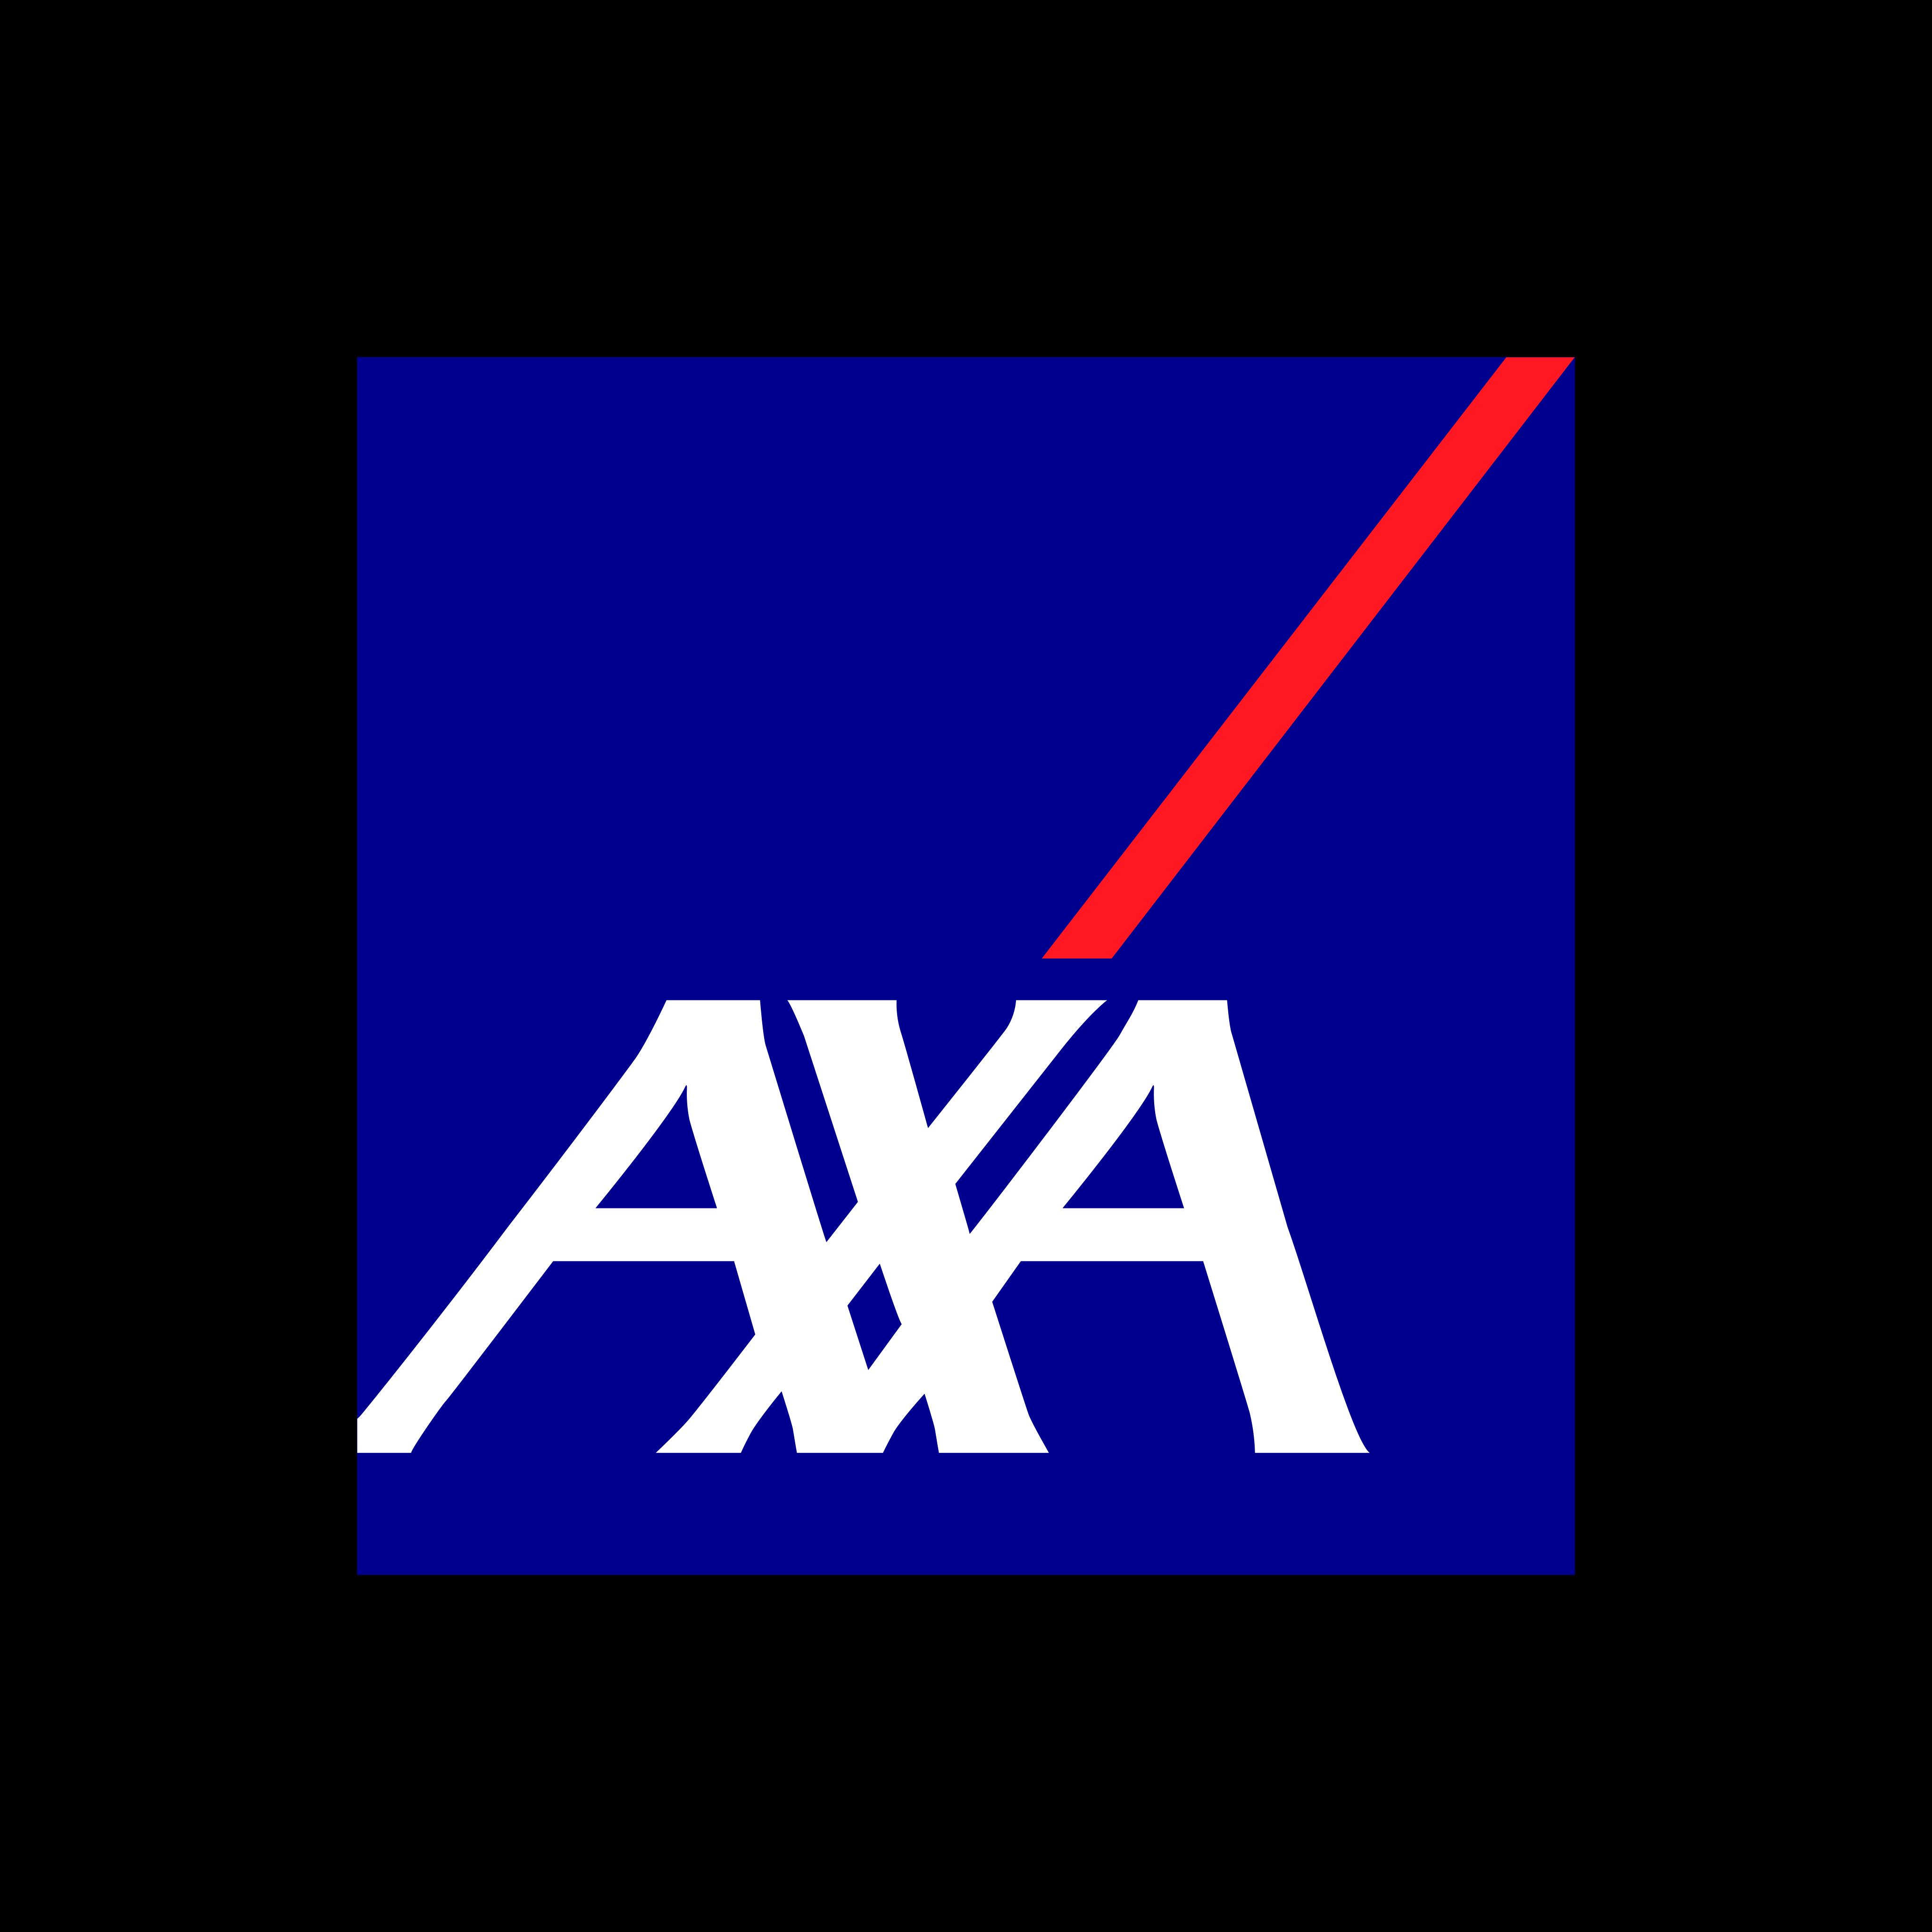 axa logo 0 - AXA Logo